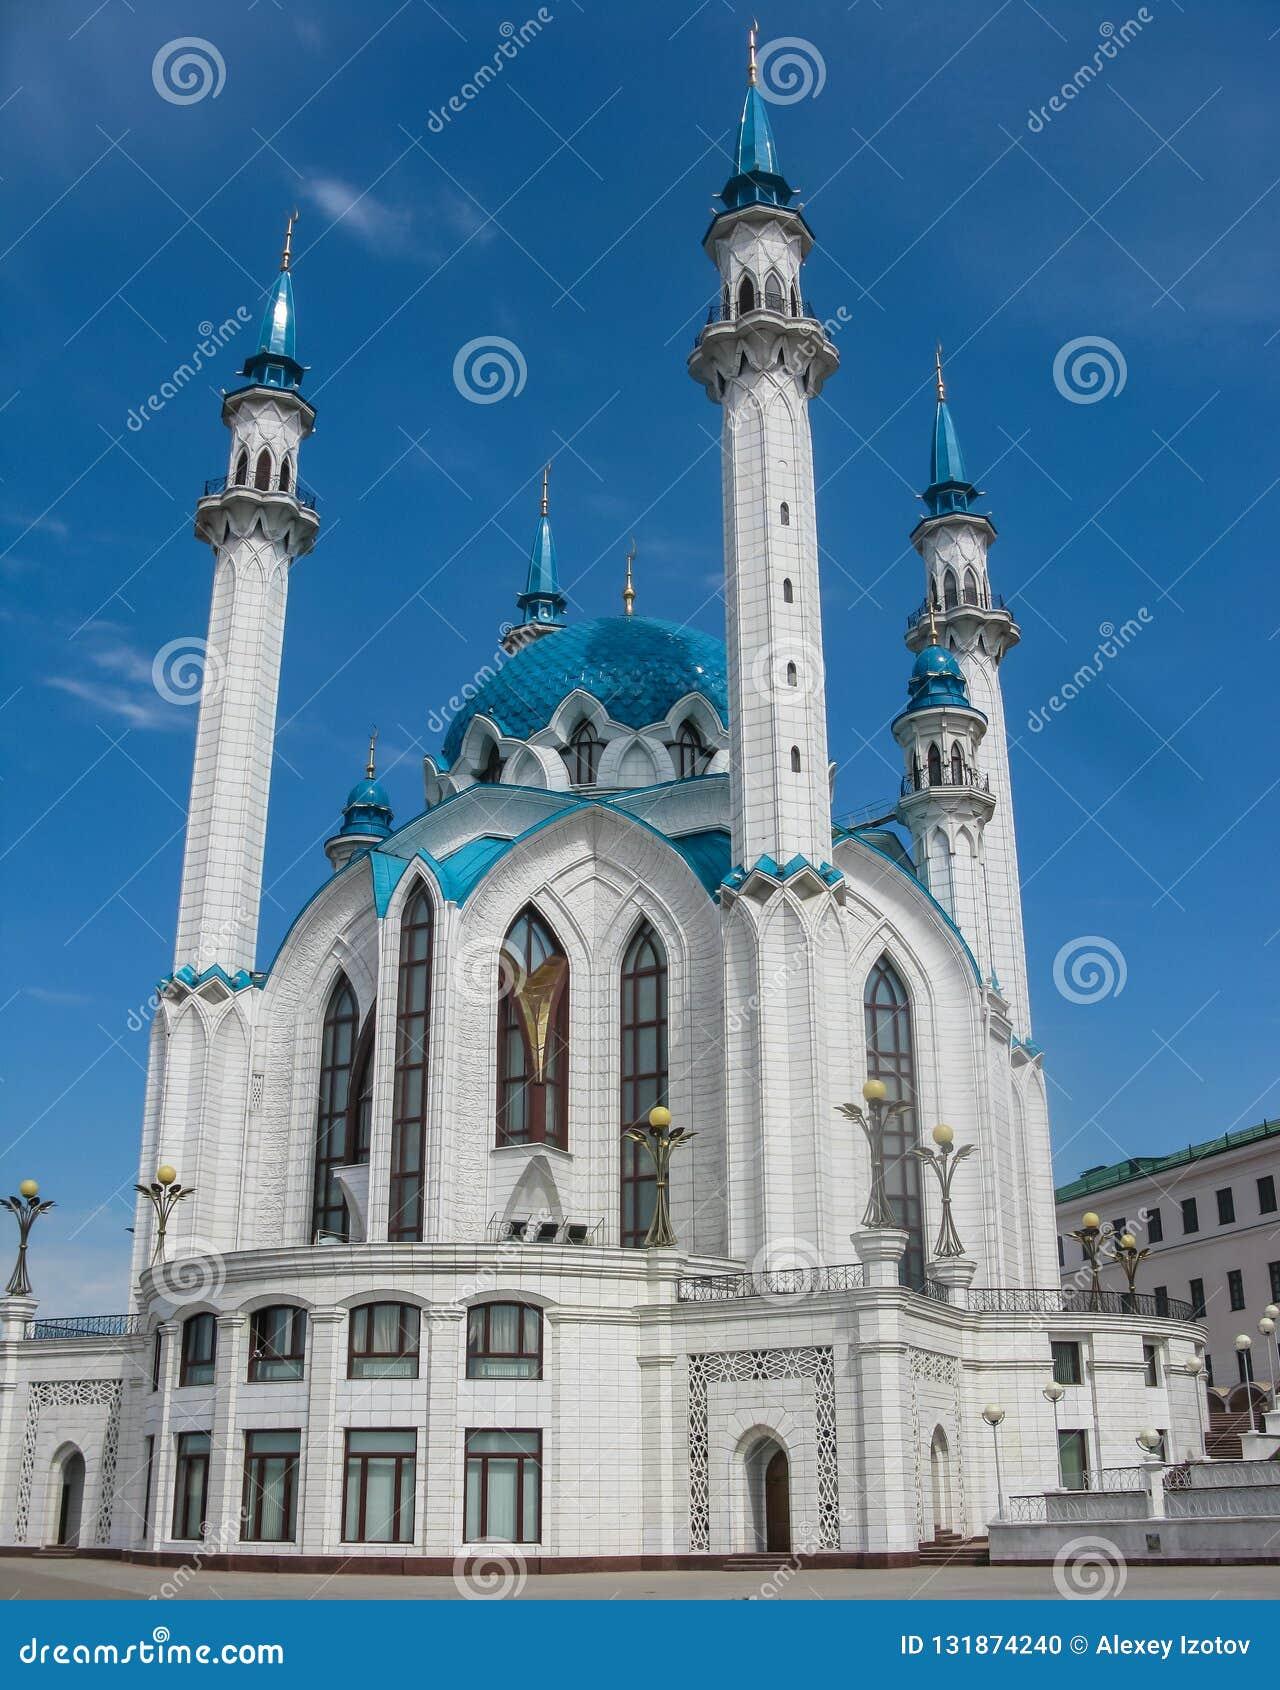 Vista bonita e excelente da mesquita de Kul Sharif Cidade de Kazan, Tartaristão, Rússia